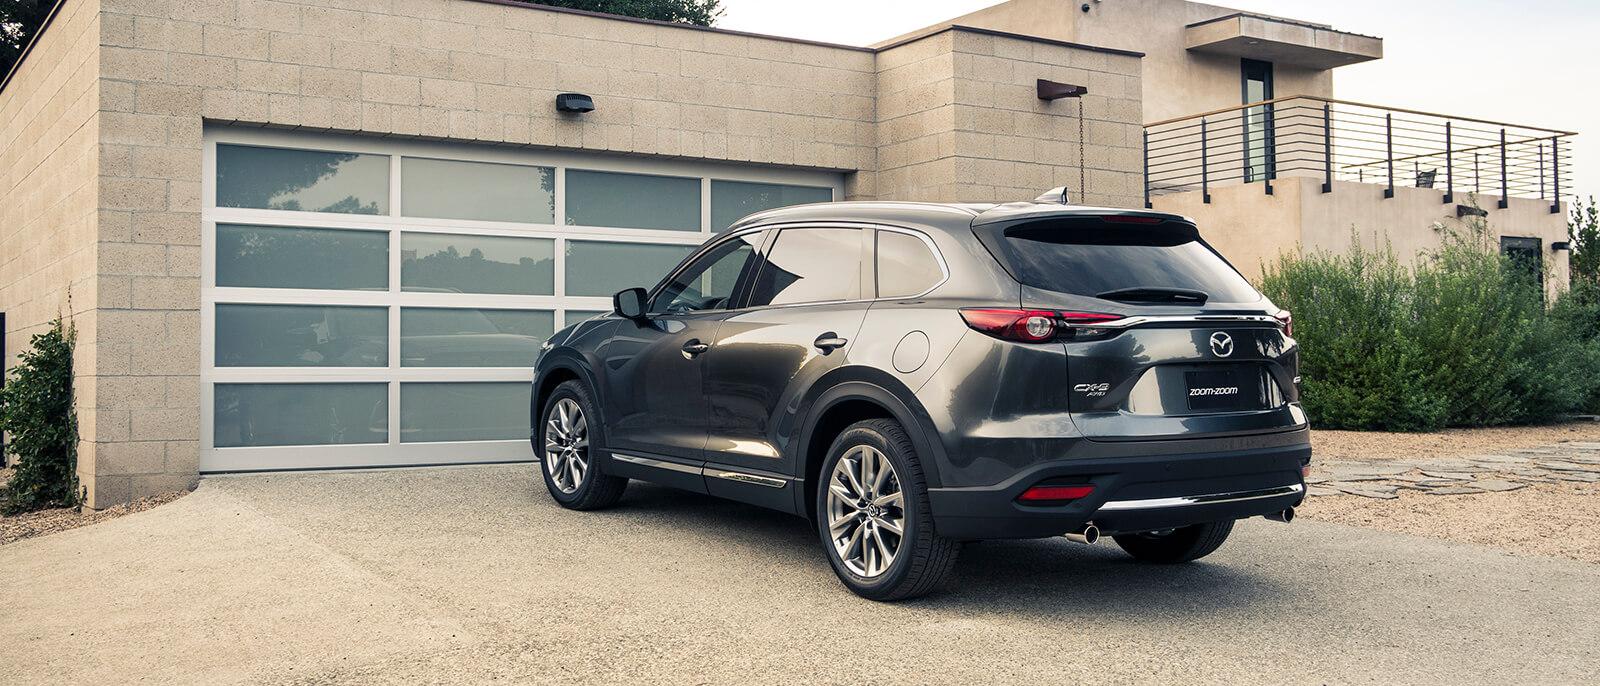 2016 Mazda CX-9 Rear